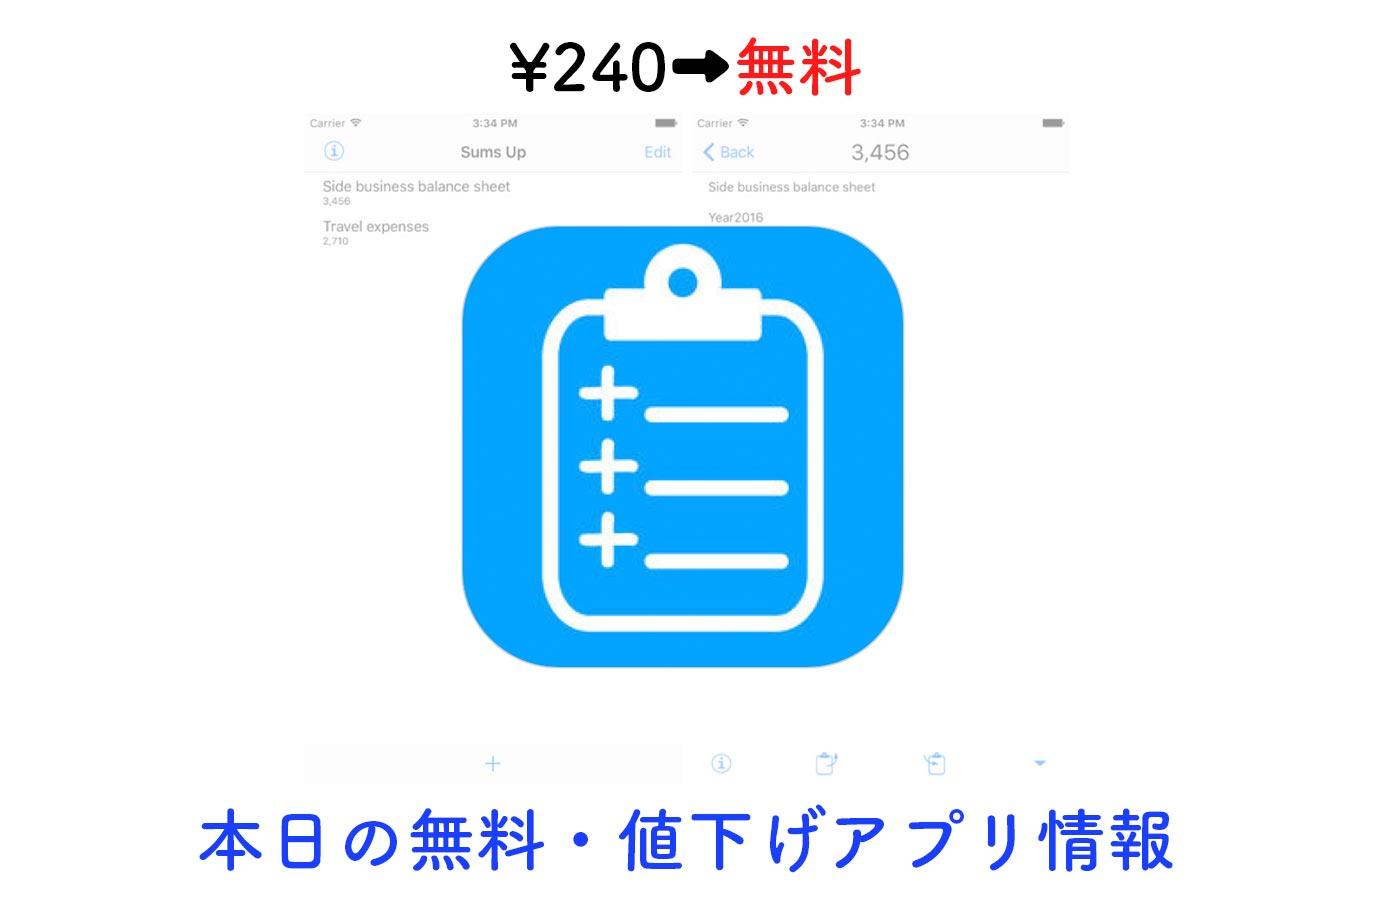 ¥240→無料、メモの中の数字を自動で合計してくれる計算機アプリ「Sums Up」など【1/17】本日の無料・値下げアプリ情報